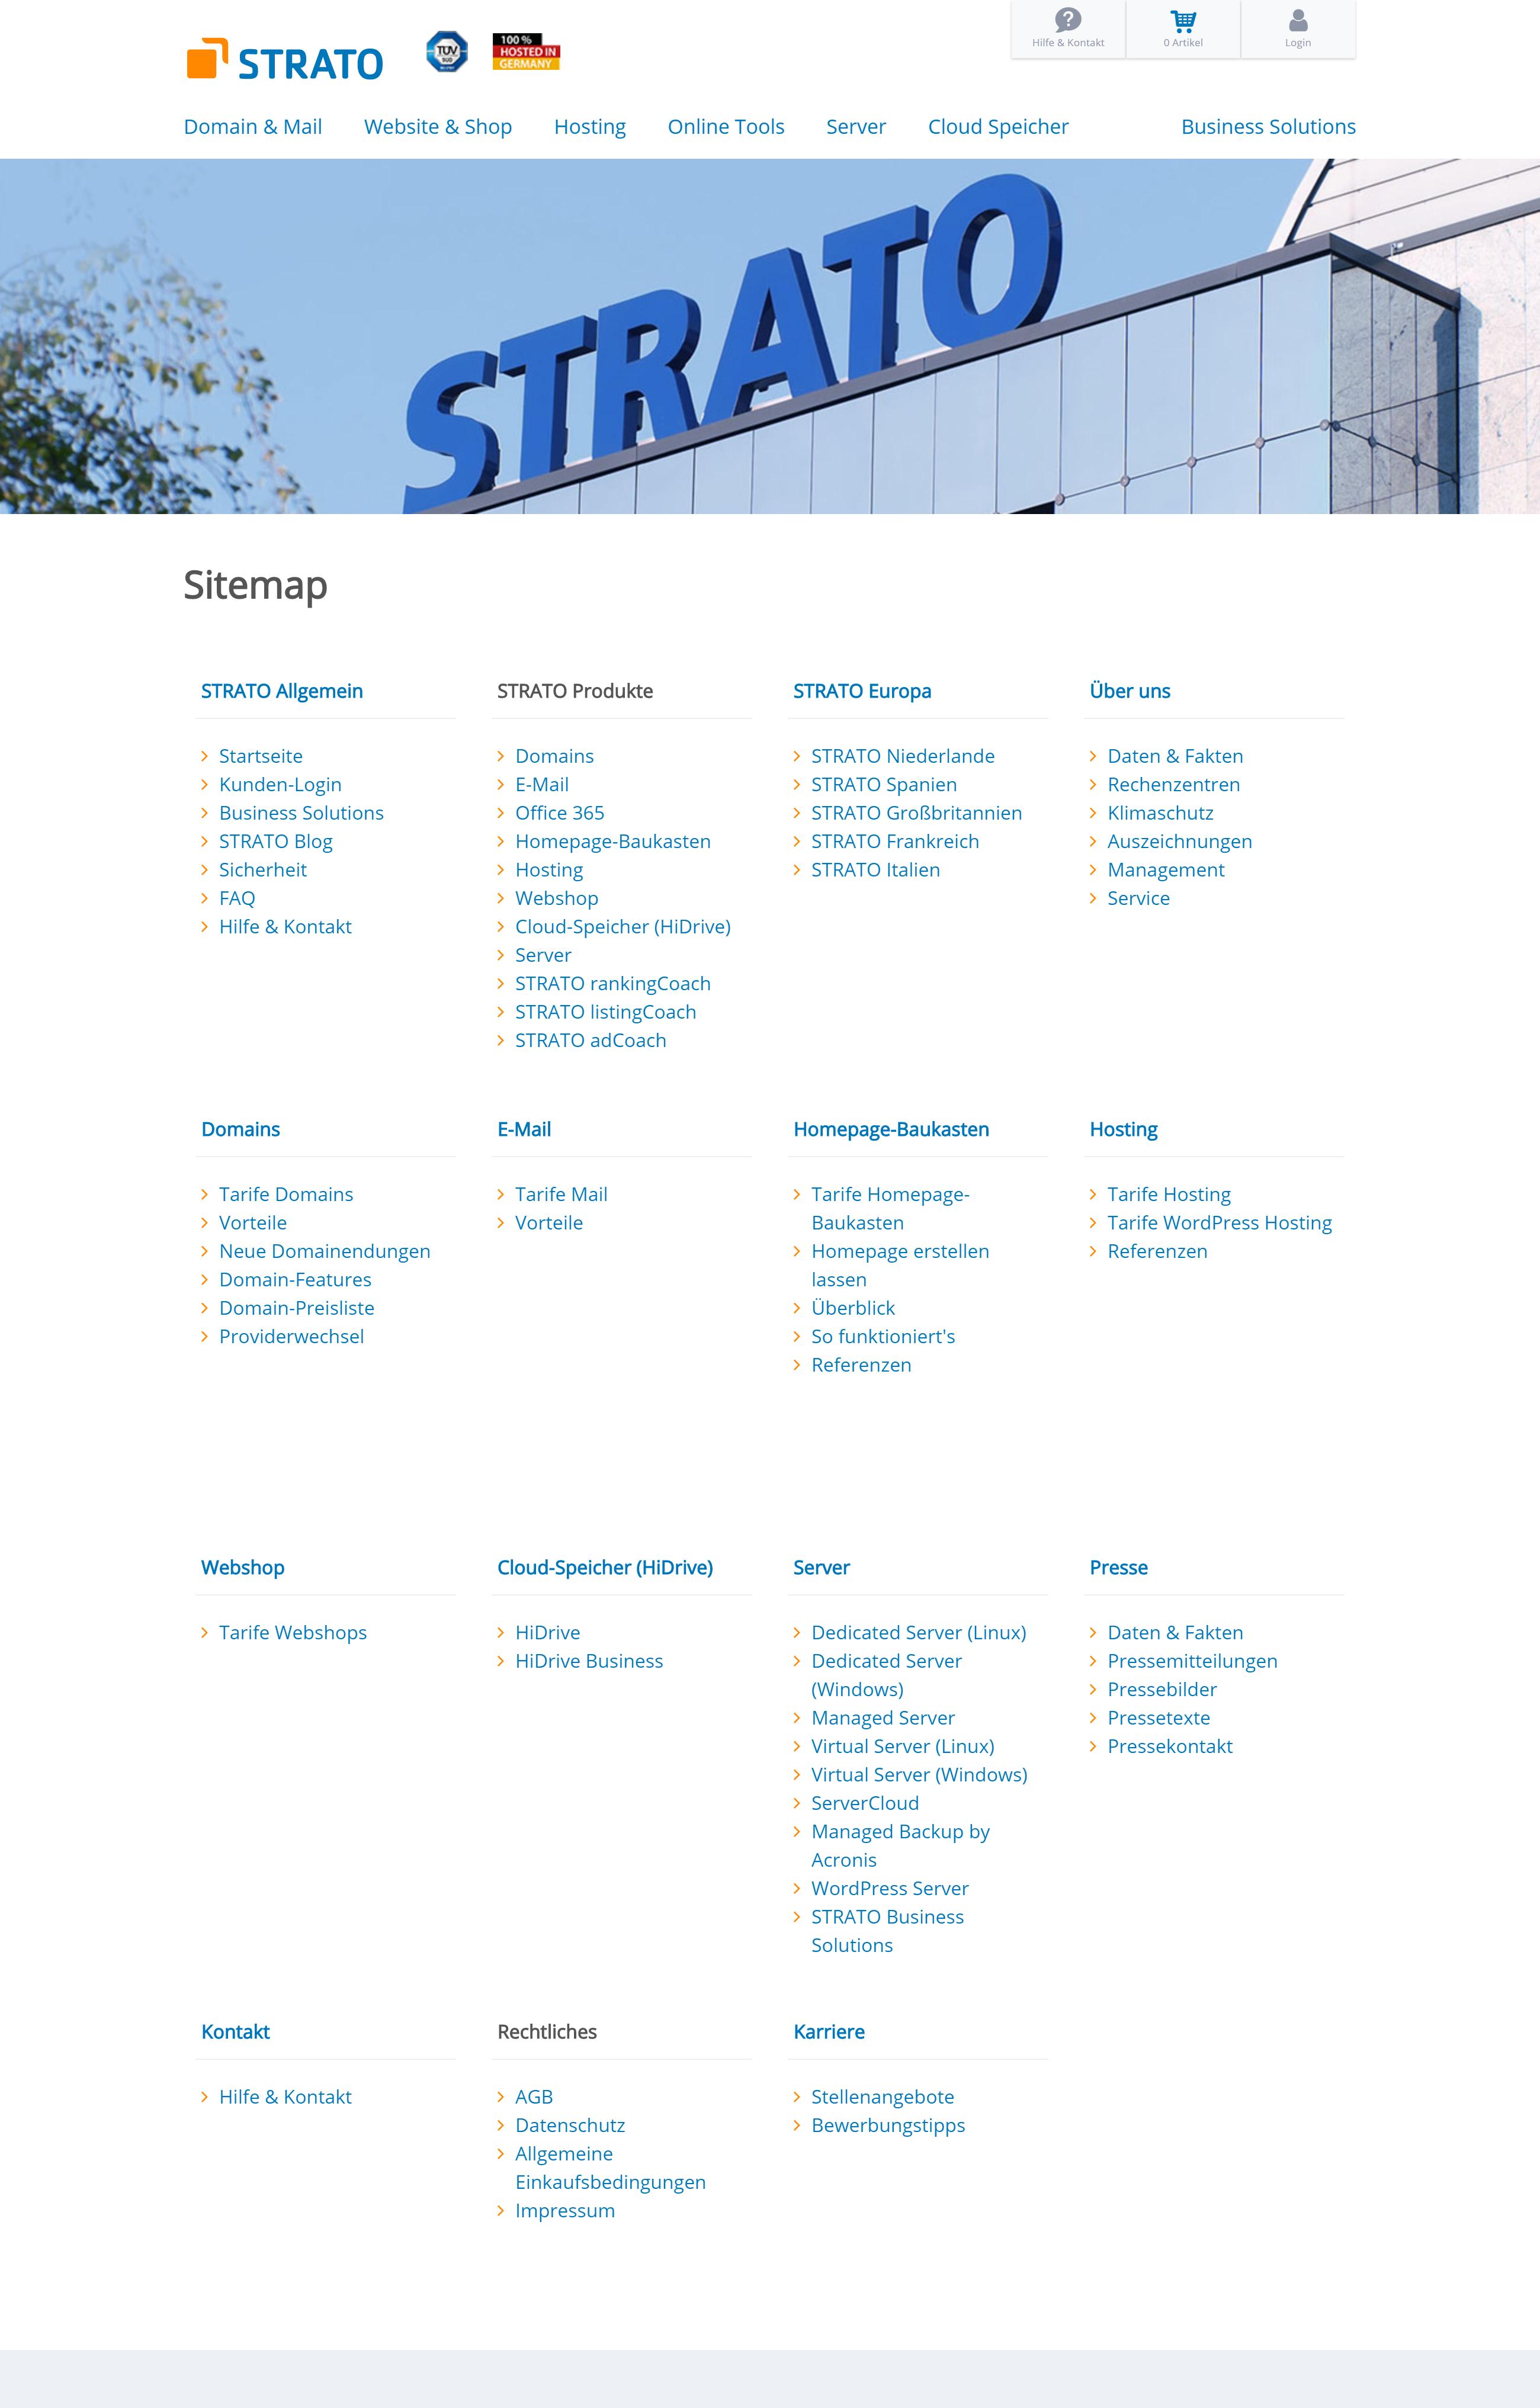 HTML-Sitemap auf Strato.de.